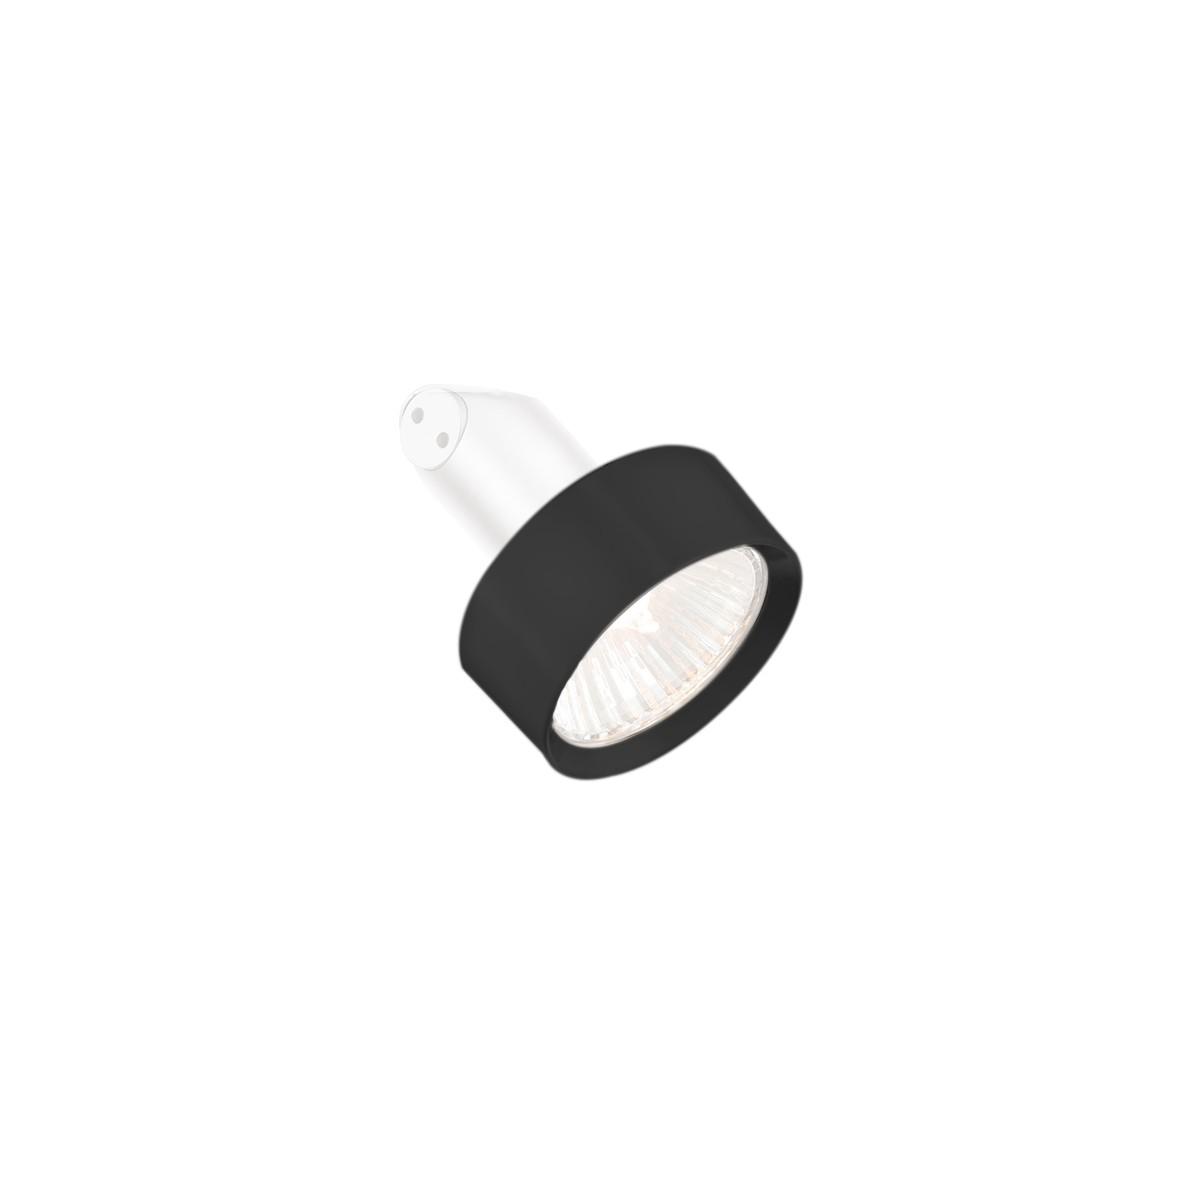 Bruck Mini Entblendring für Strahler, schwarz